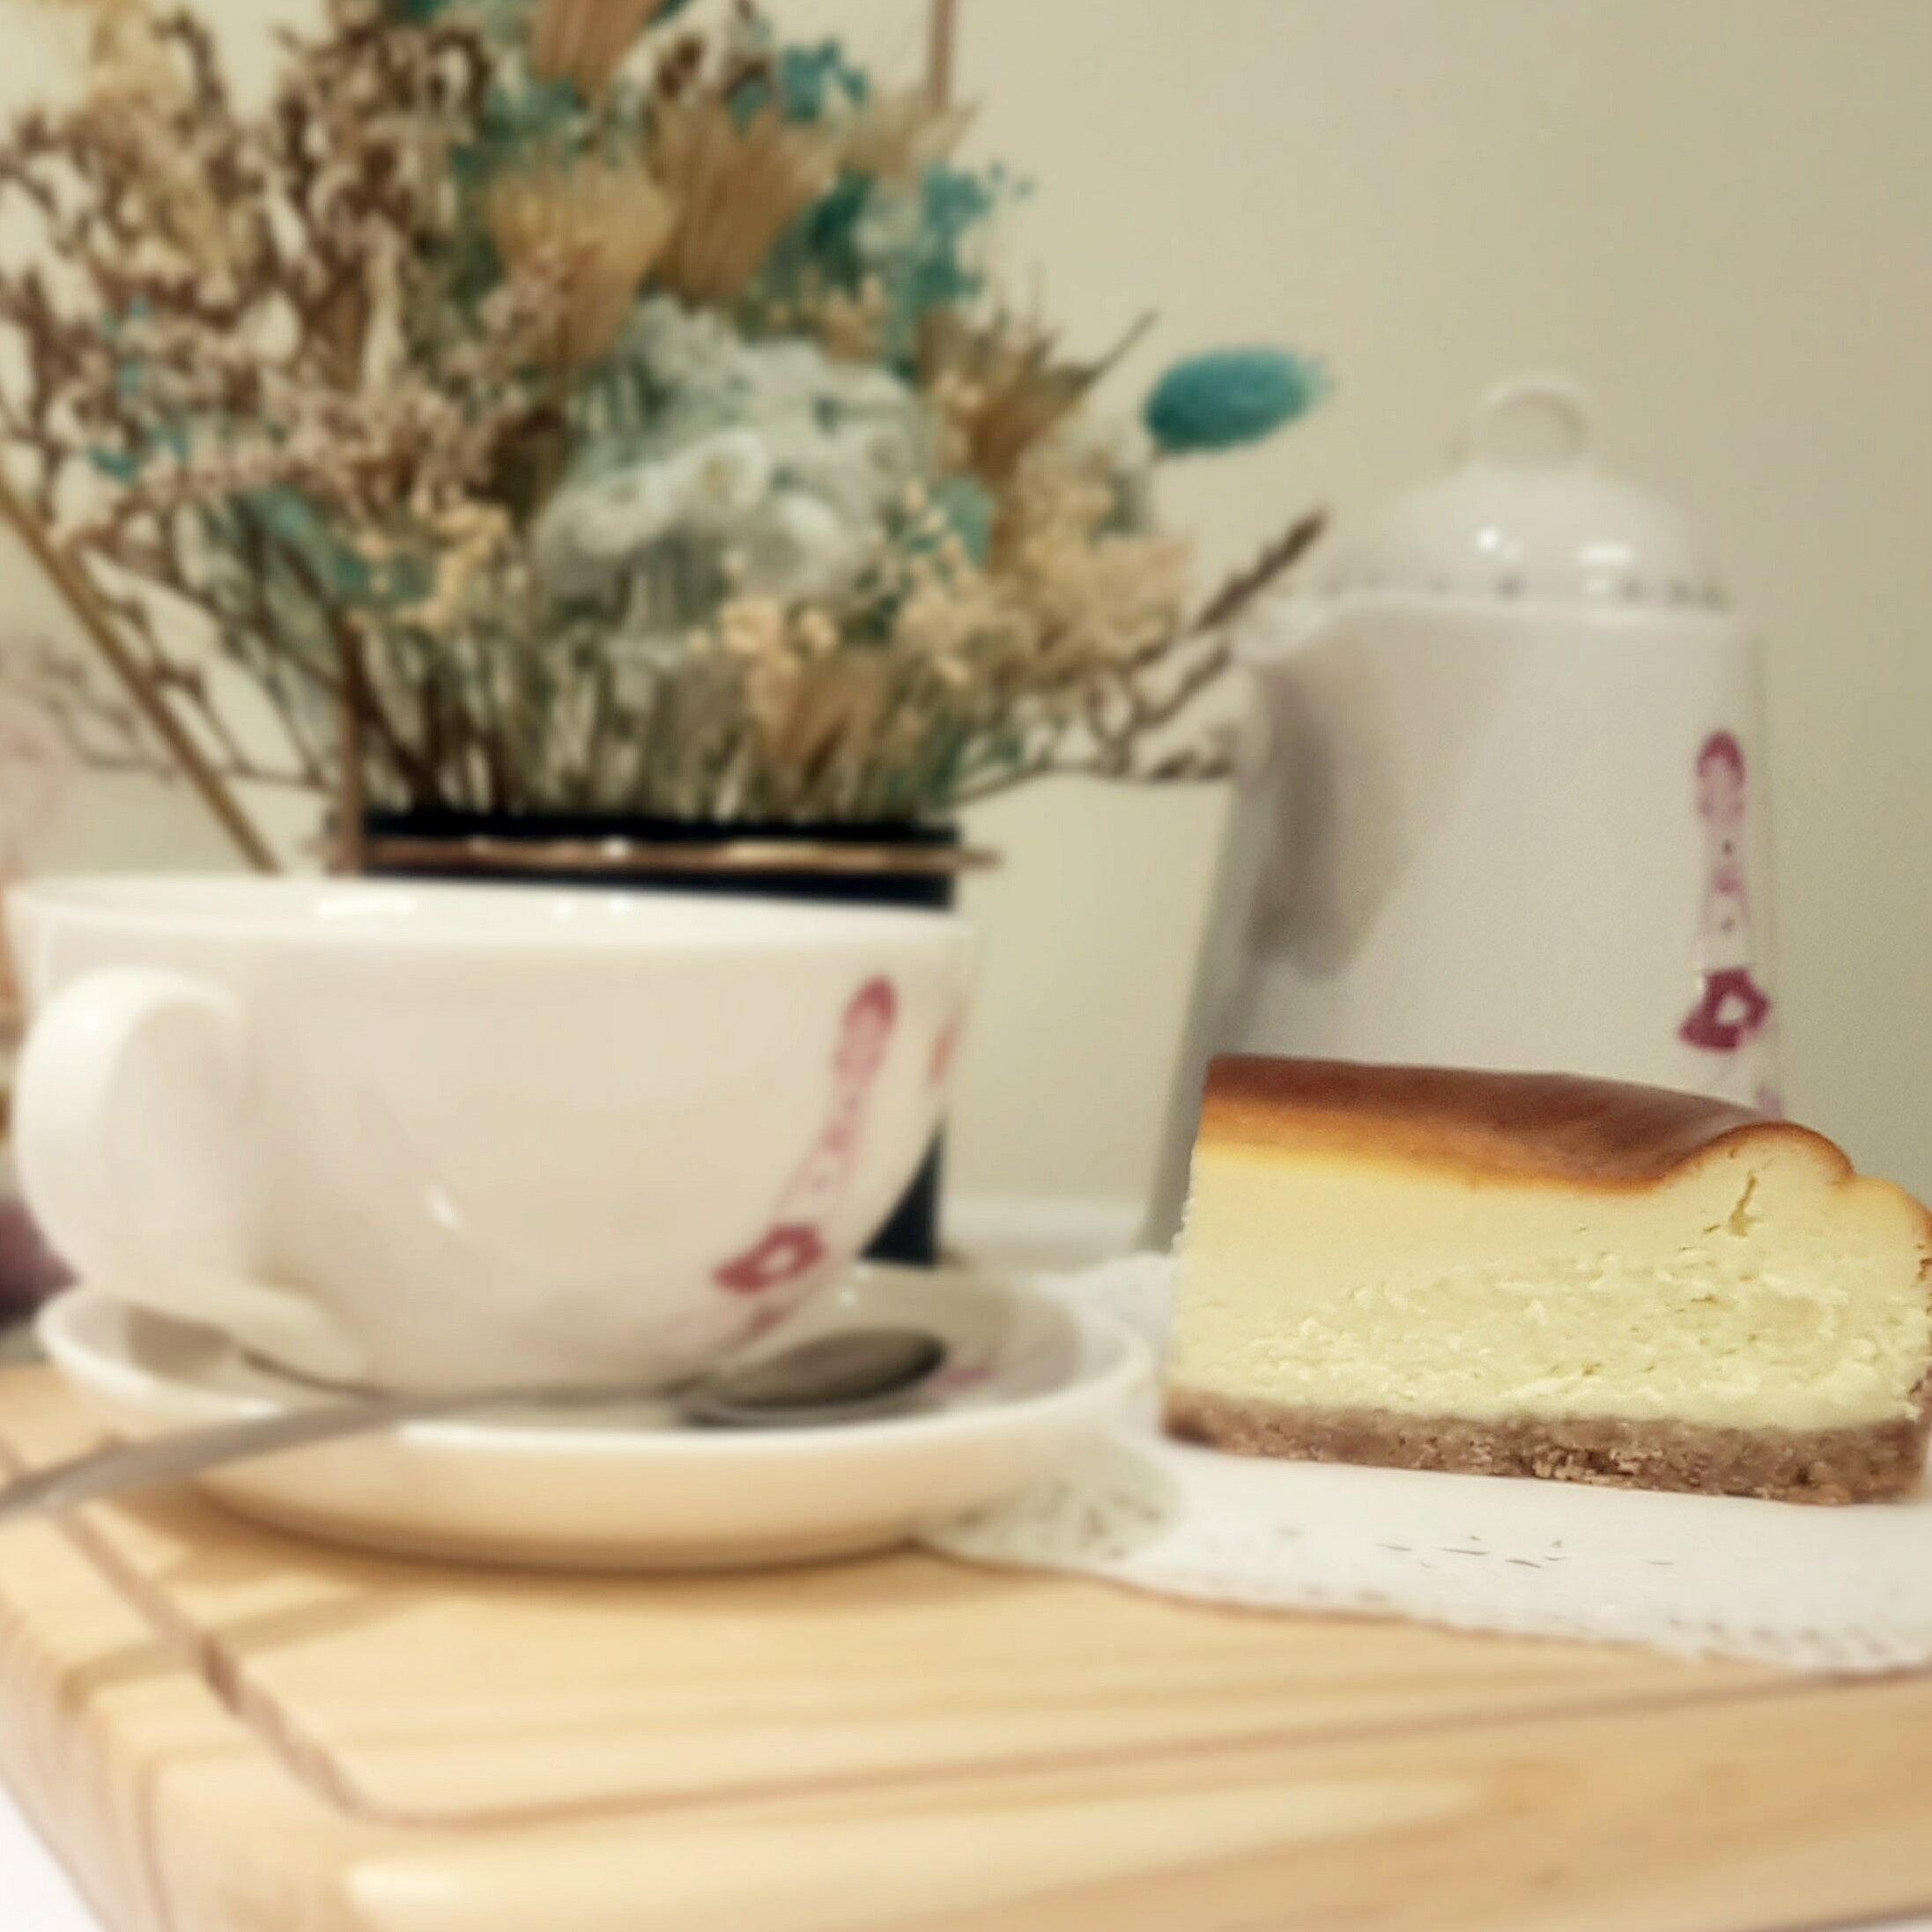 北海道原味乳酪蛋糕 6吋   【老婆的乳酪蛋糕】